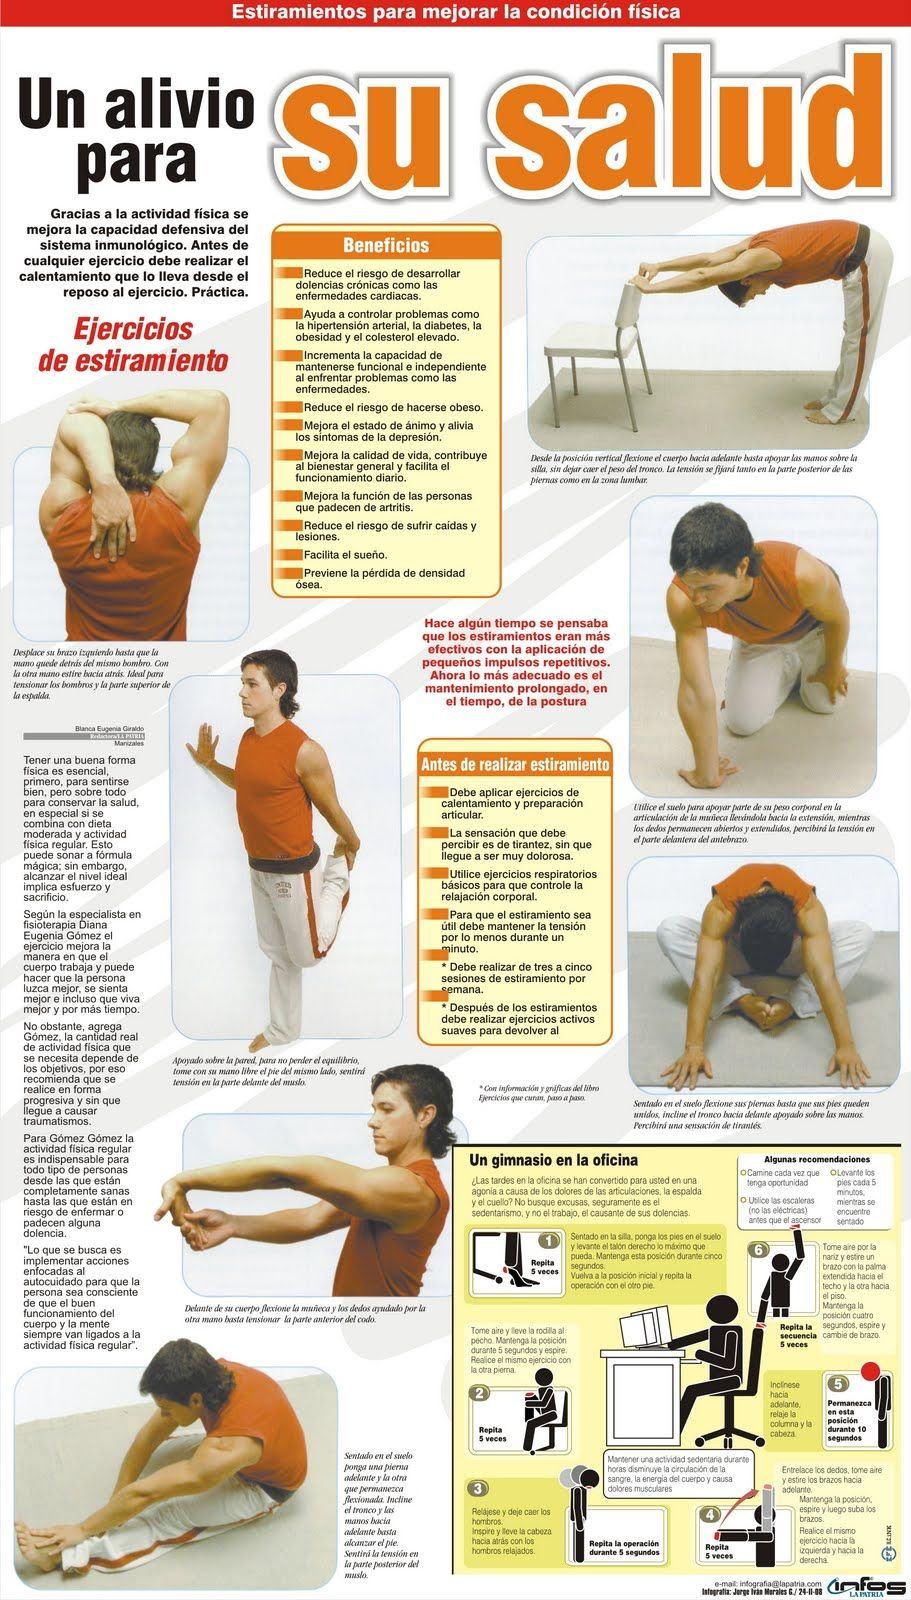 Un alivio para su salud ejercicios para la oficina salud for Ejercicios en la oficina